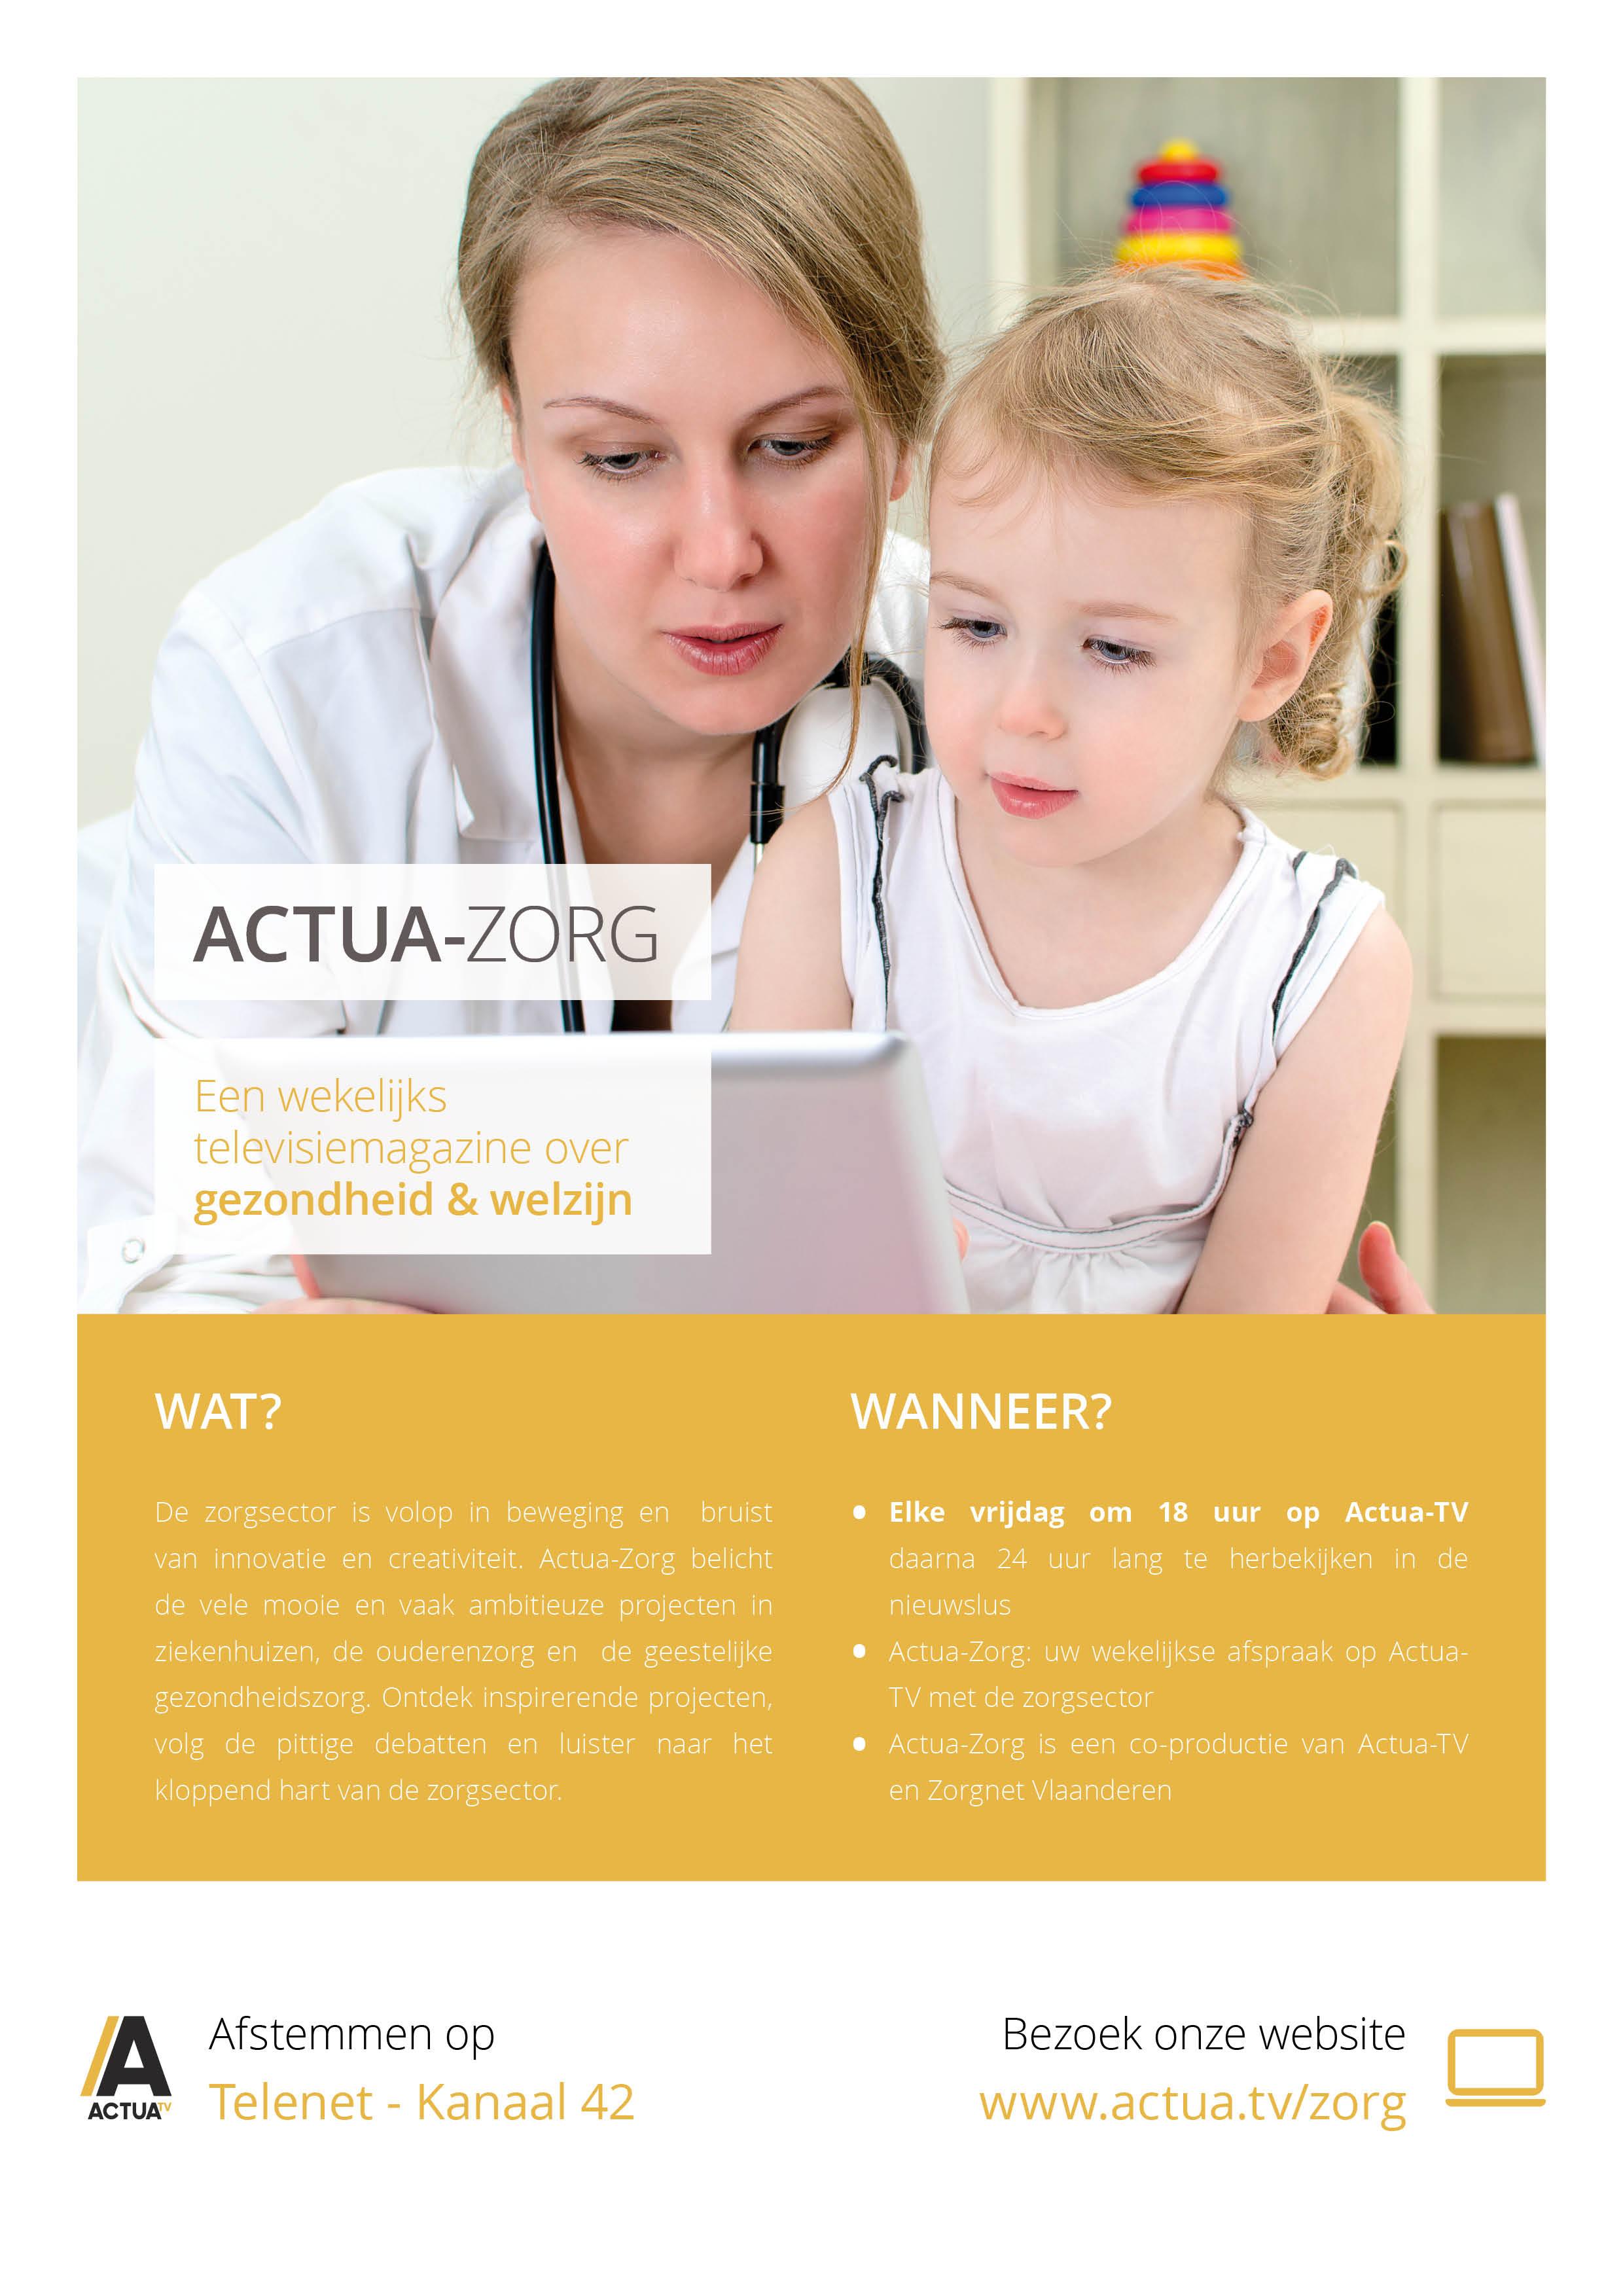 Actua-Zorg: Programmafiche